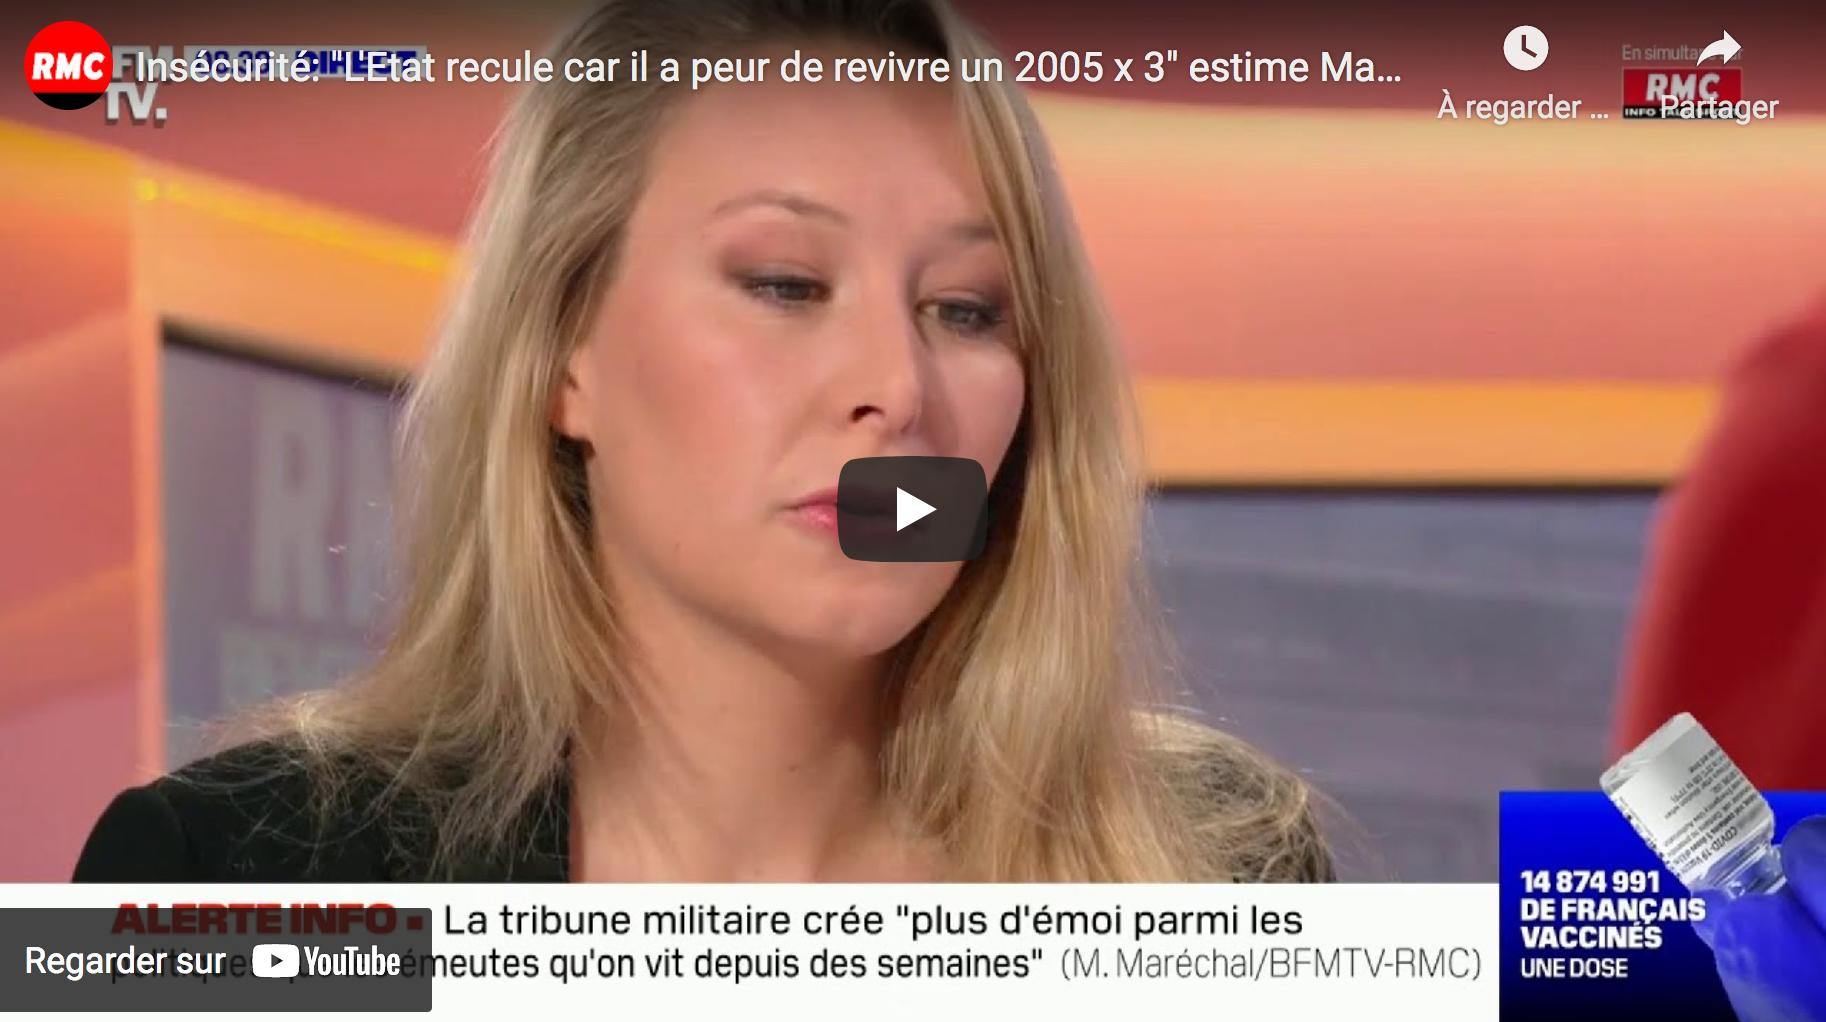 """Insécurité : """"L'État recule car il a peur de revivre un 2005 x 3"""" estime Marion Maréchal (VIDÉO)"""